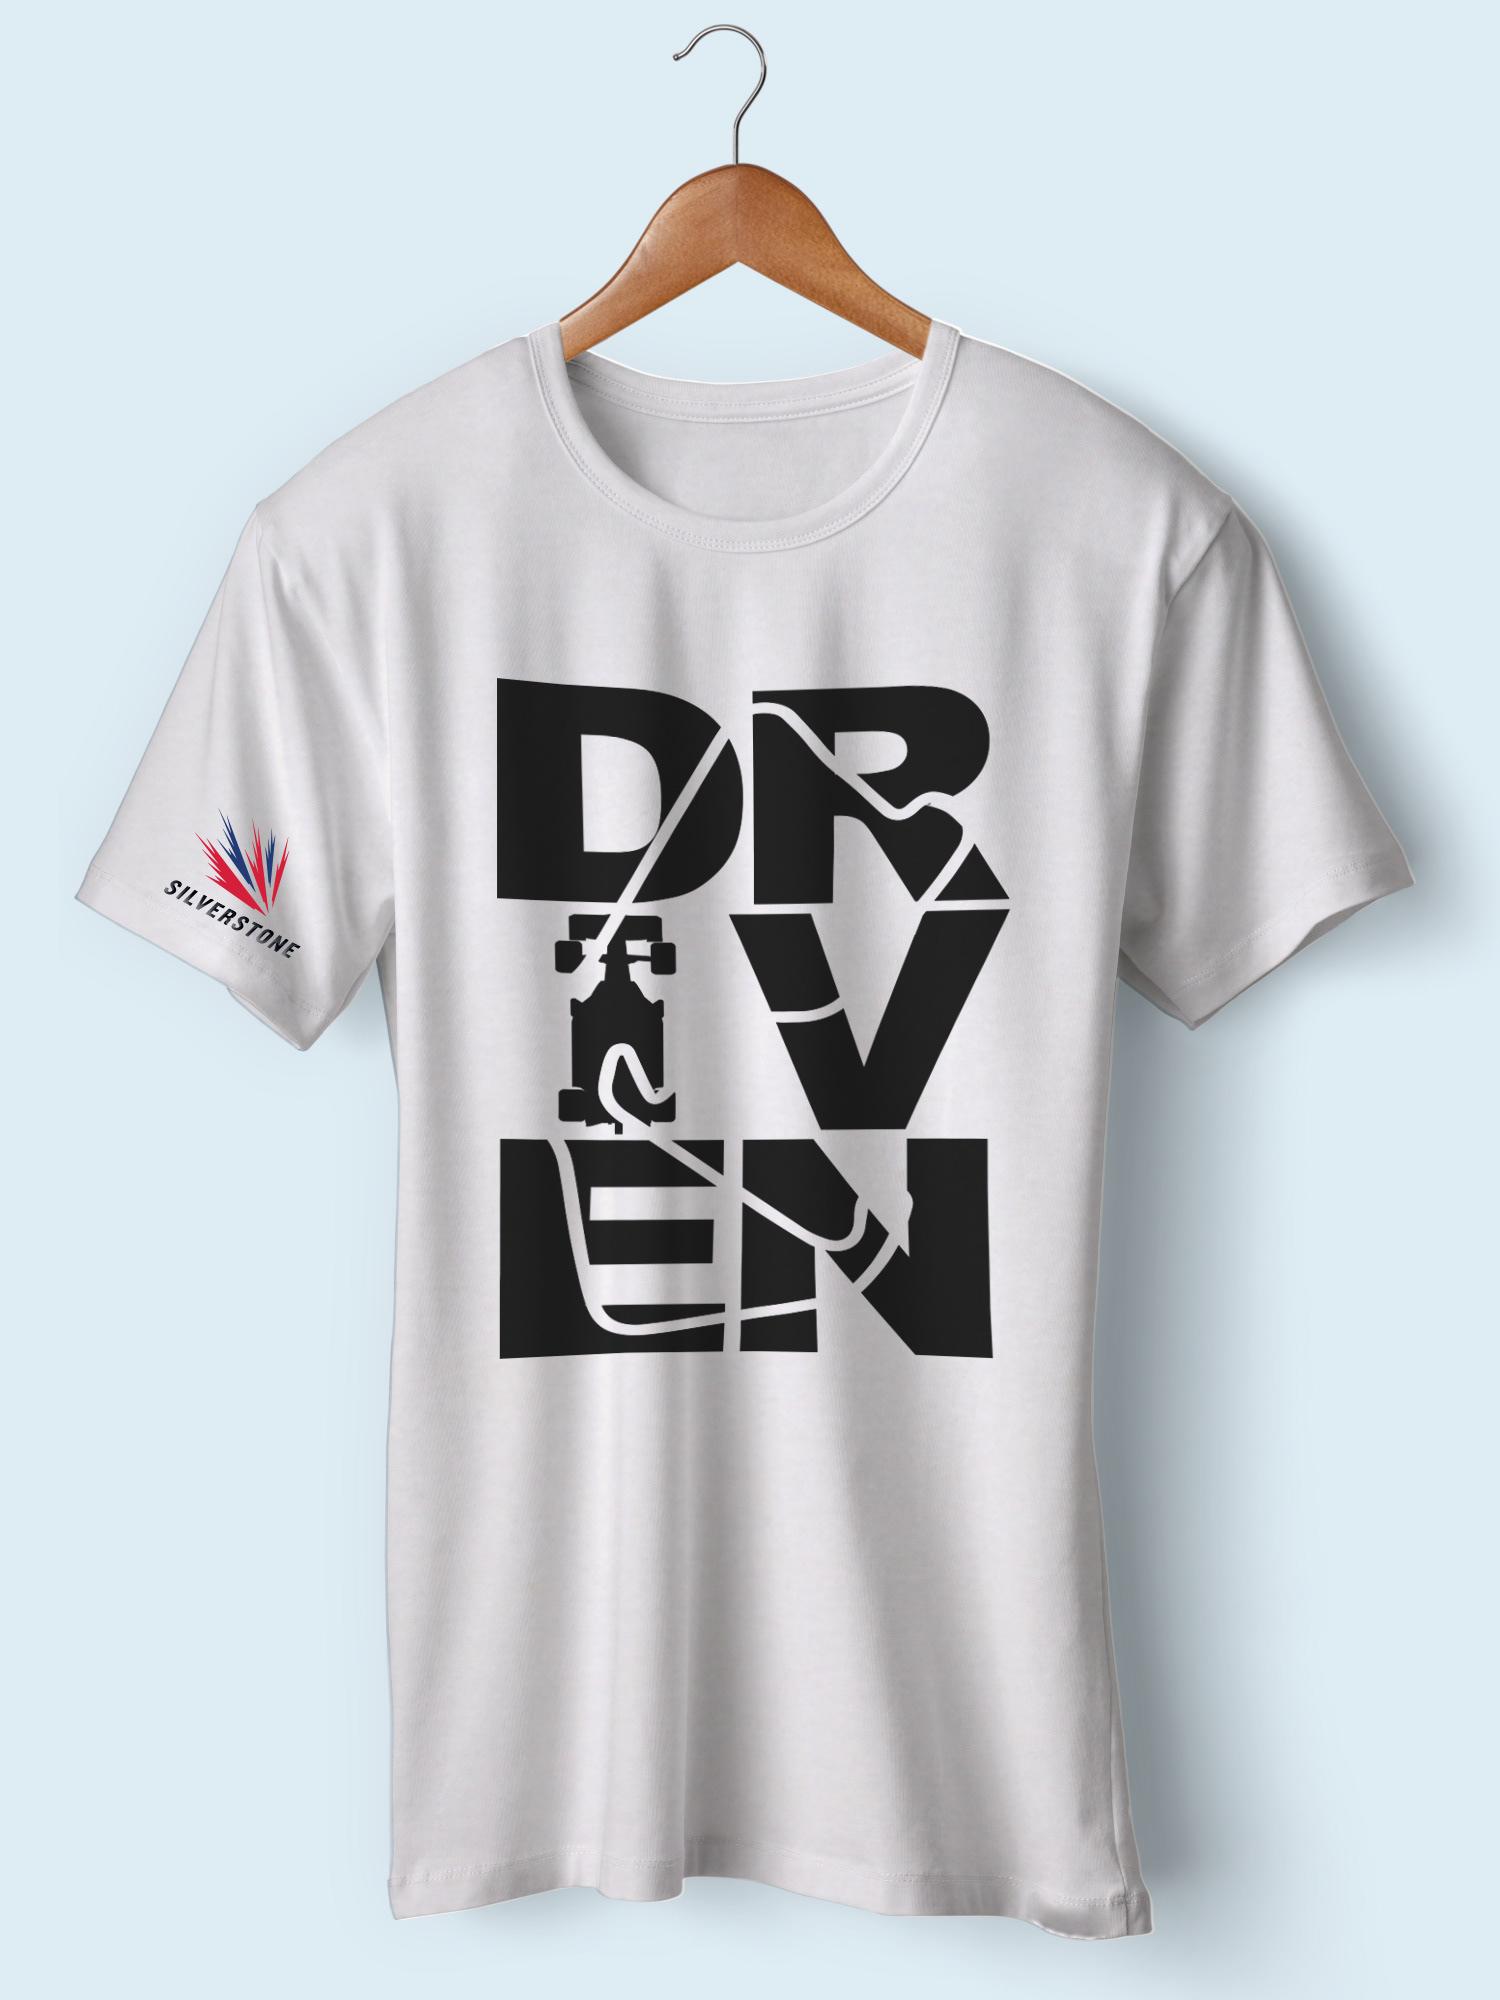 Ben Webb T Shirt Design